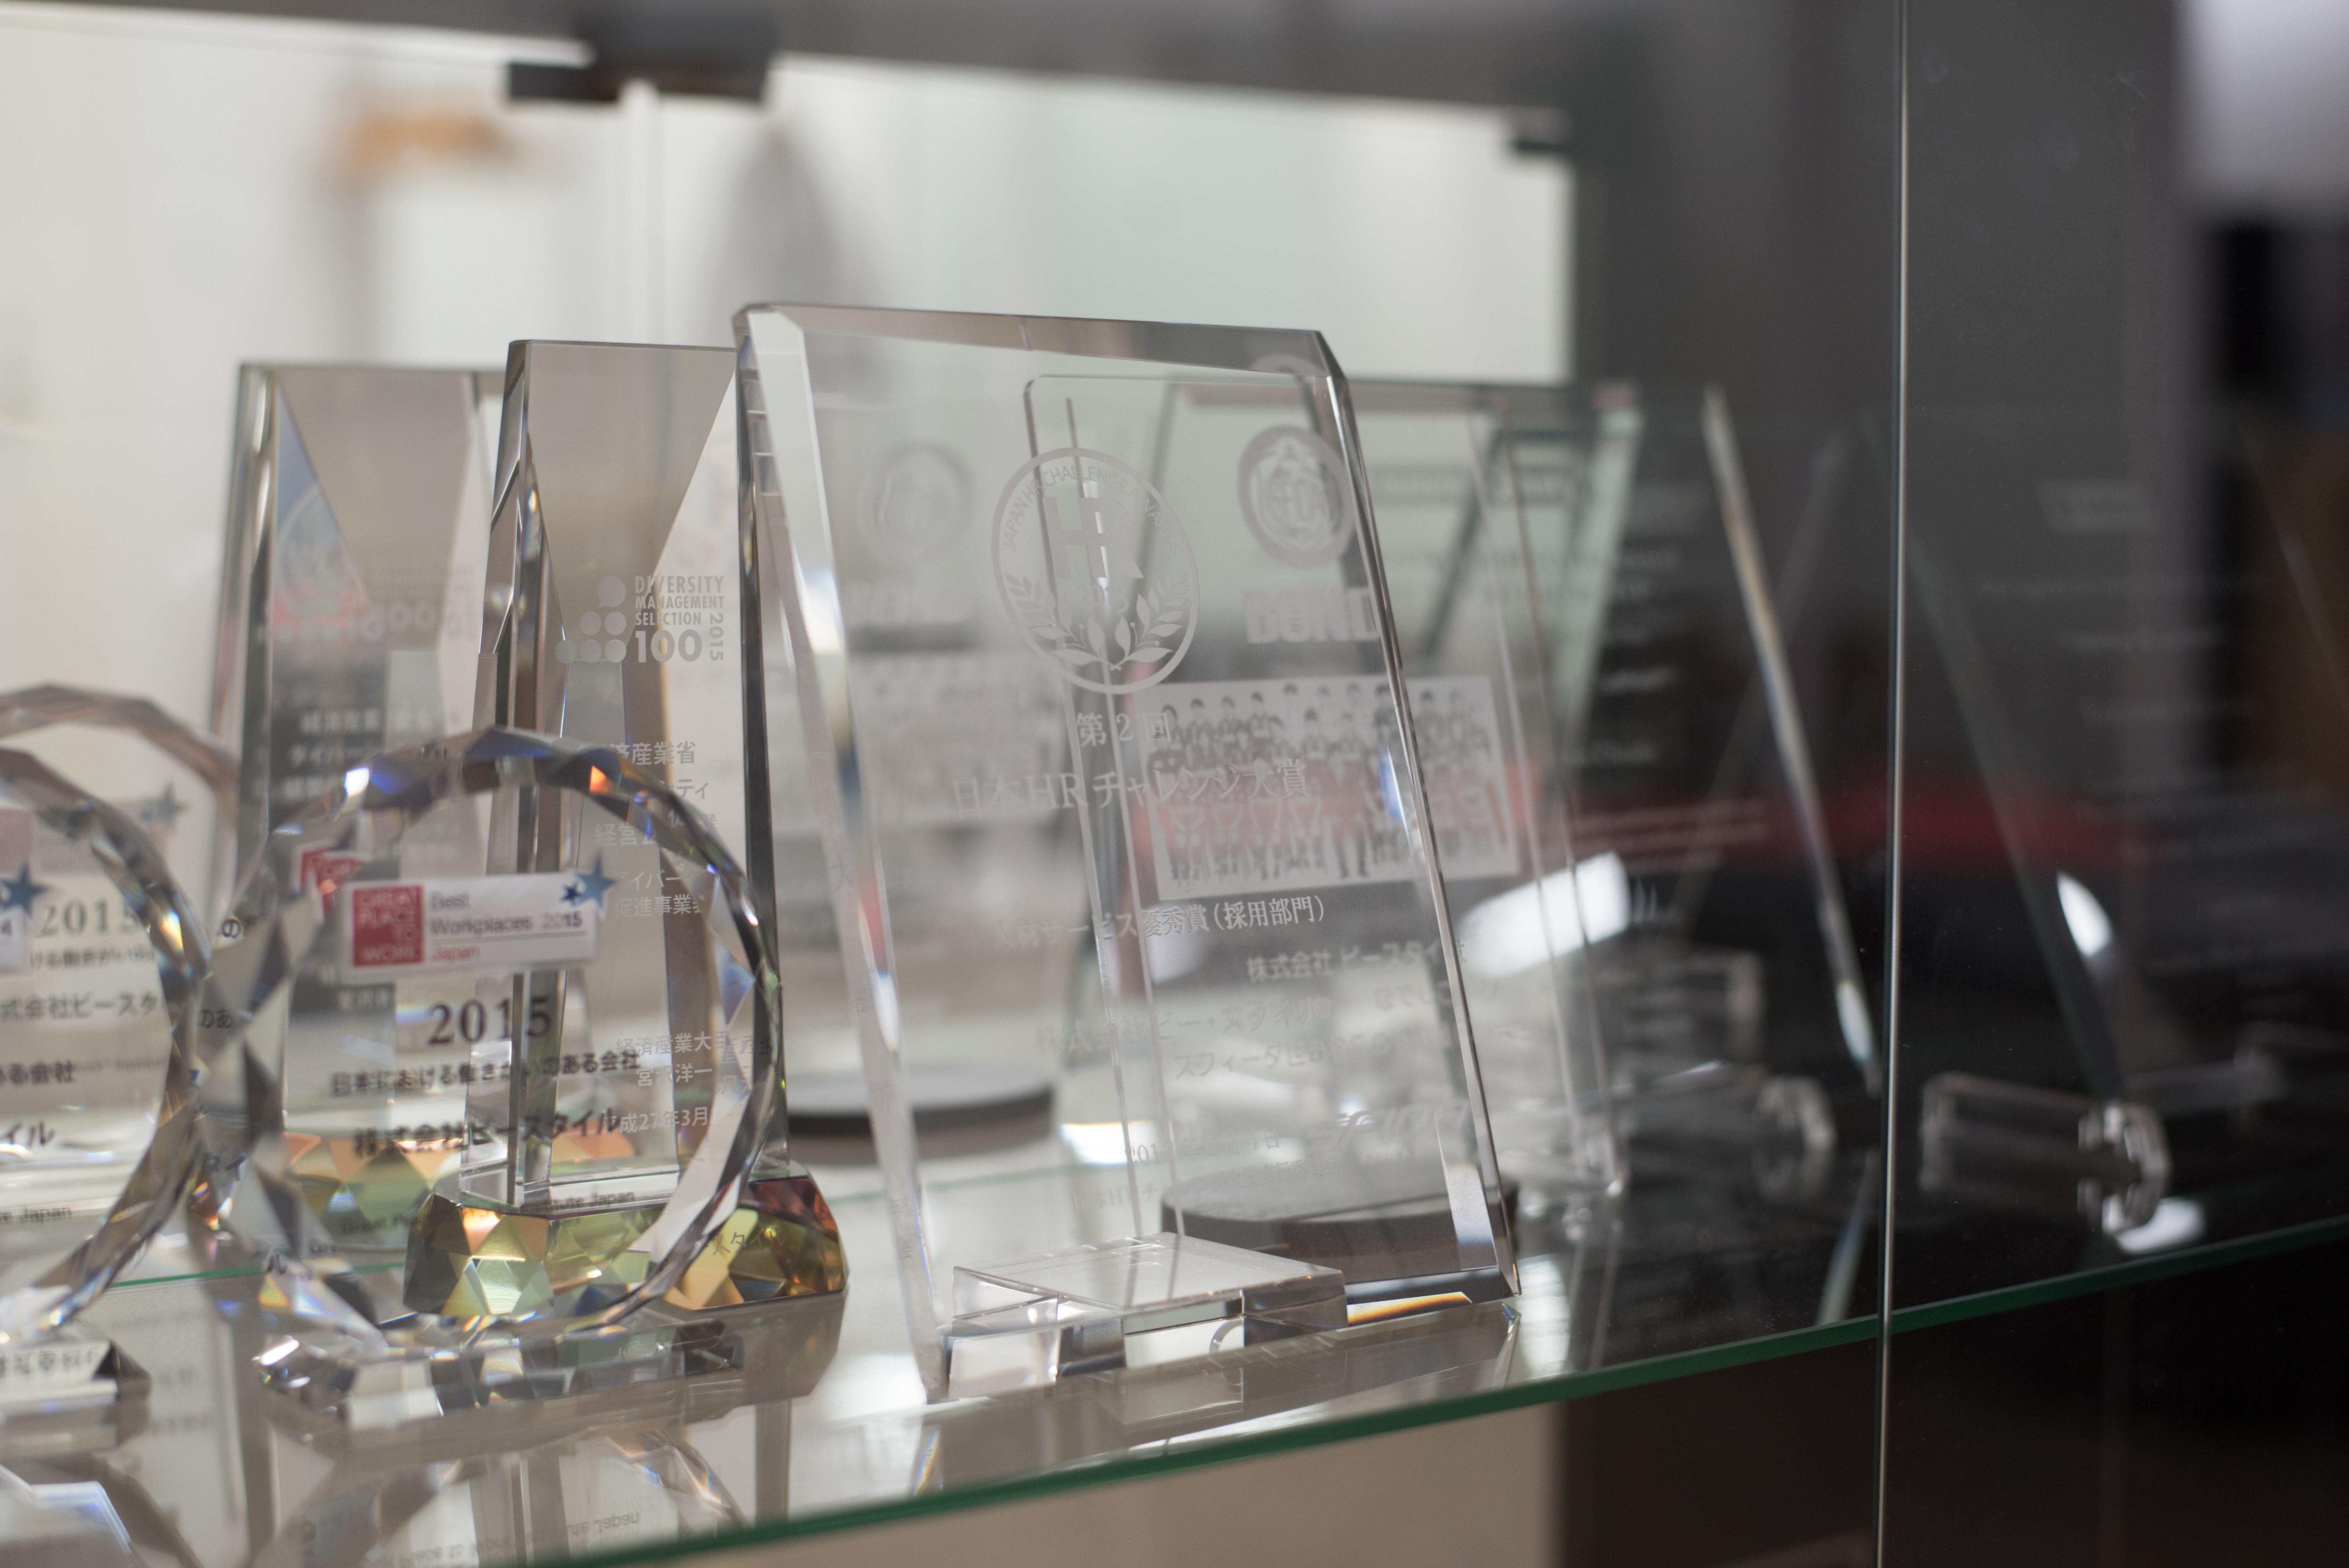 【実は、業界では有名です】受賞歴が多く、メディアから取り上げて頂けることが多い会社です!